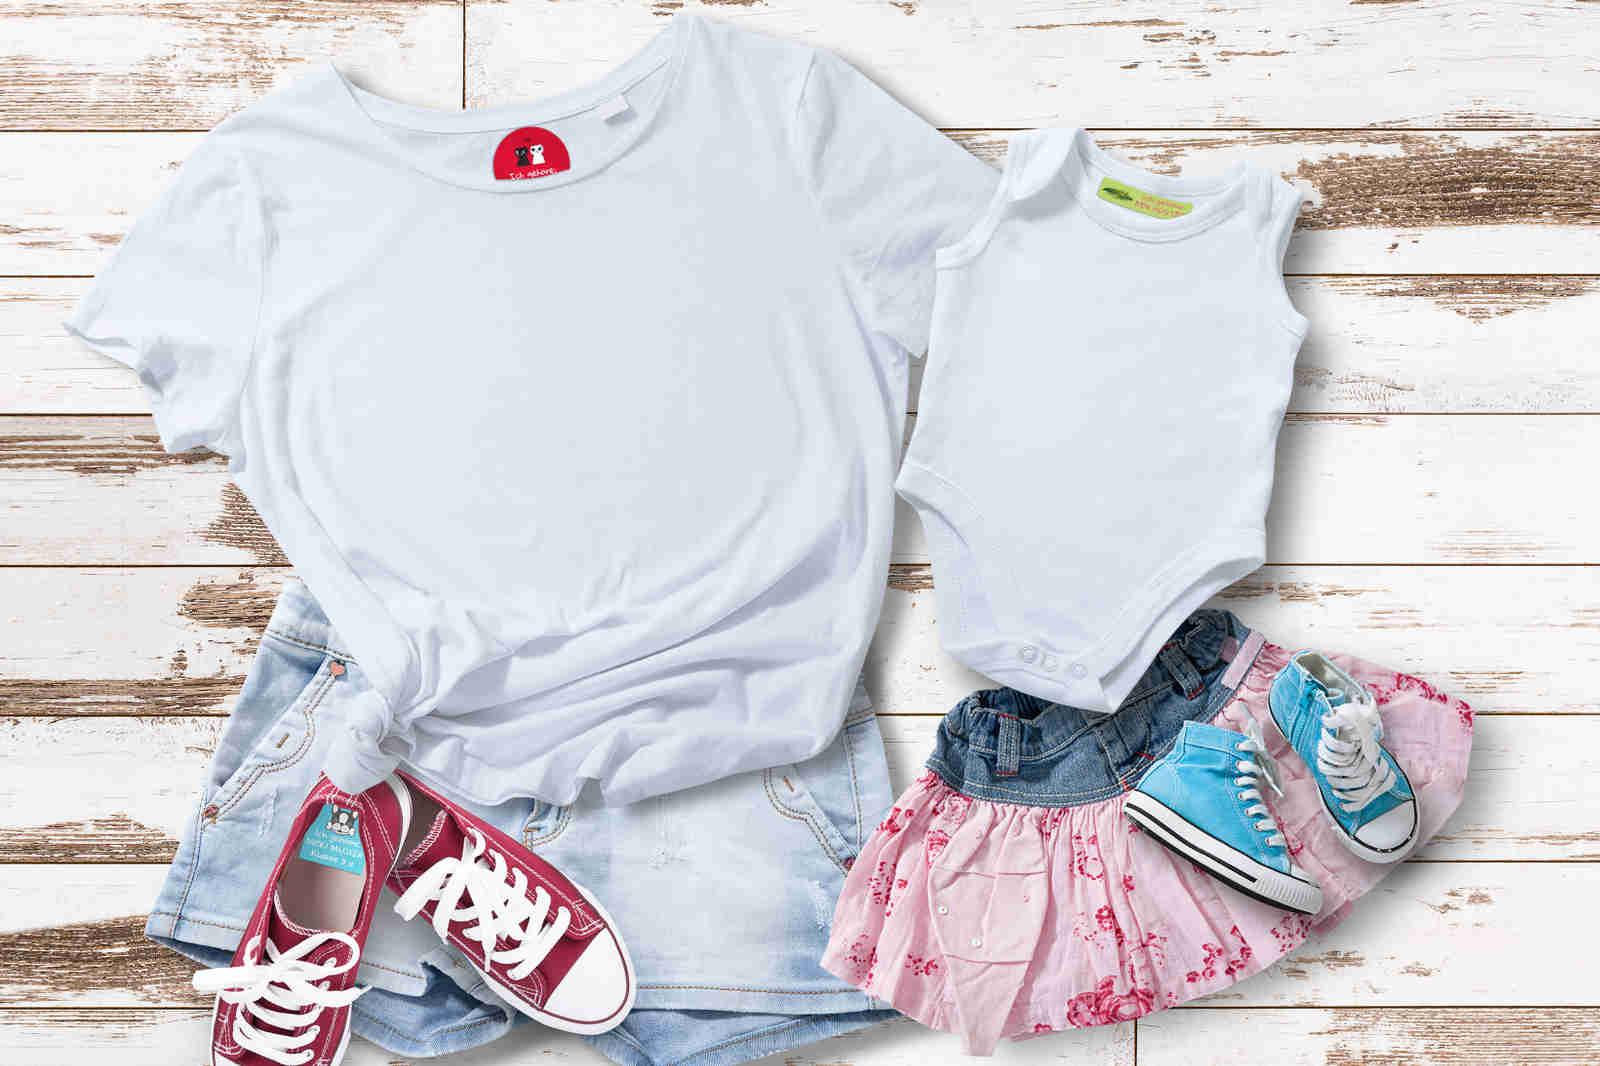 Kleidungsbeschriftung für Turnsachen, Arbeitskleidung, Kita, Kindergarten, Schule und Altersheime. Namenssticker Österreich liefert Bügeletiketten und Klebebeschriftungen für Kleidung und Schuhe.